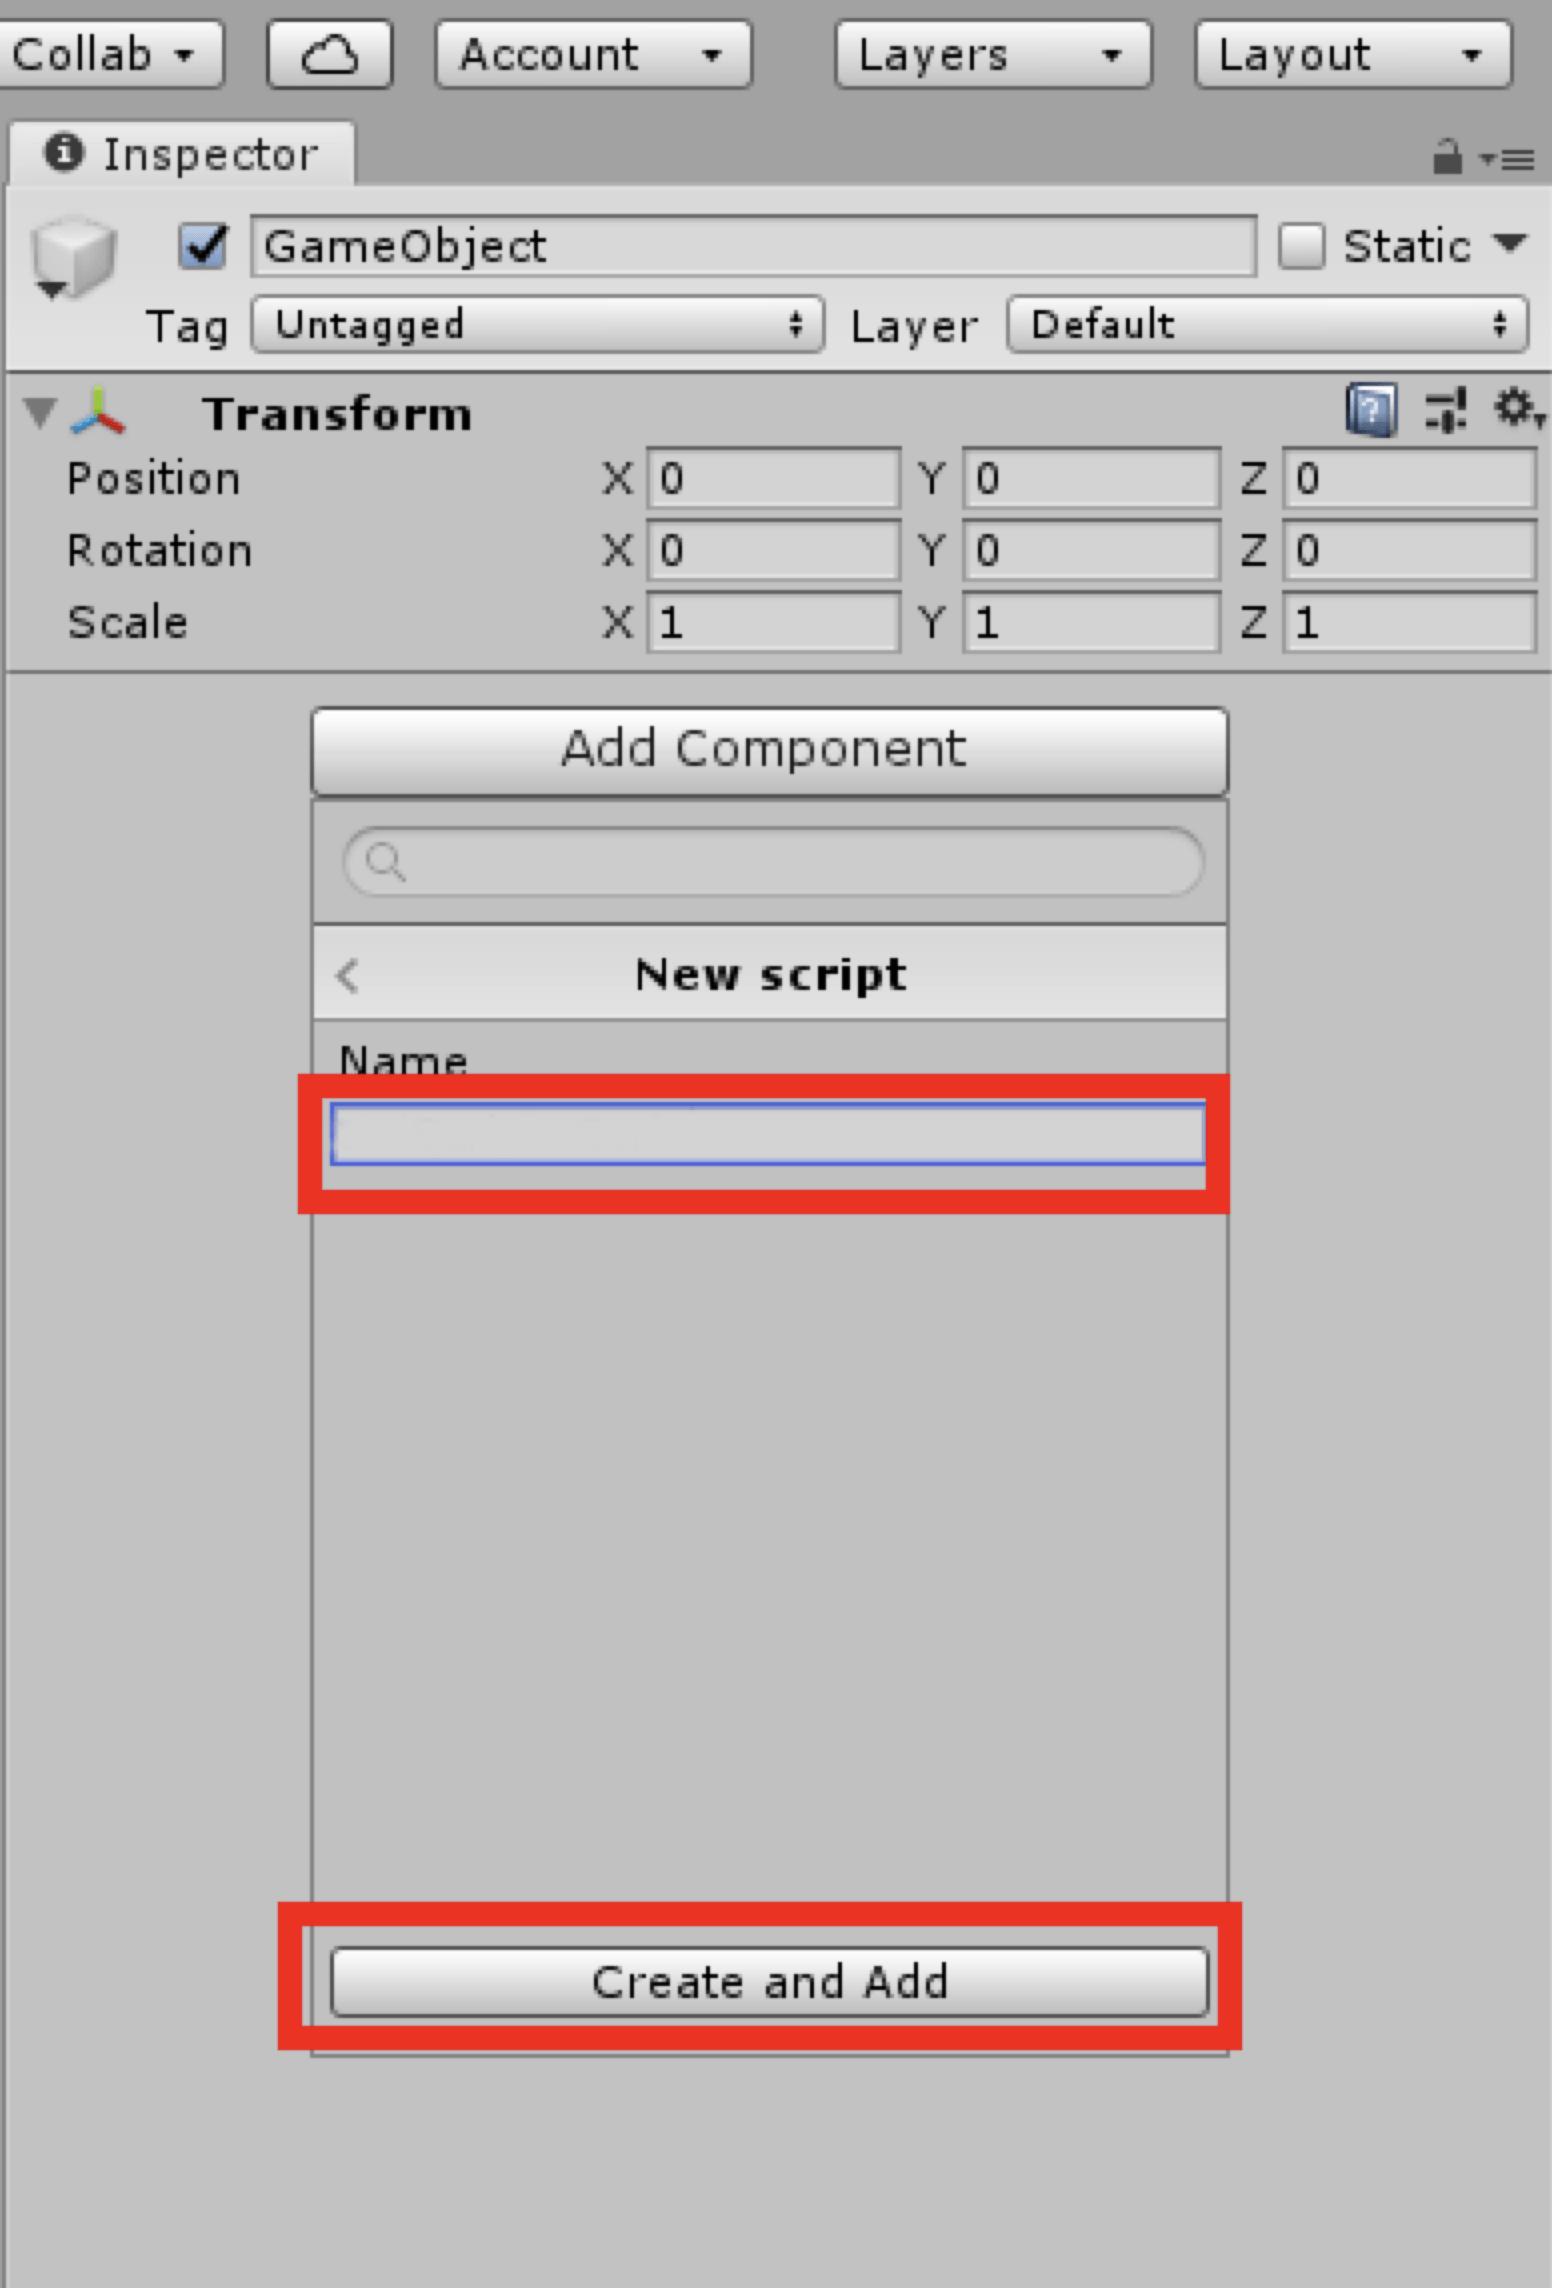 任意の名前を入力して「Create and Add」をクリック今回は「NewBehaviourScript」と命名する